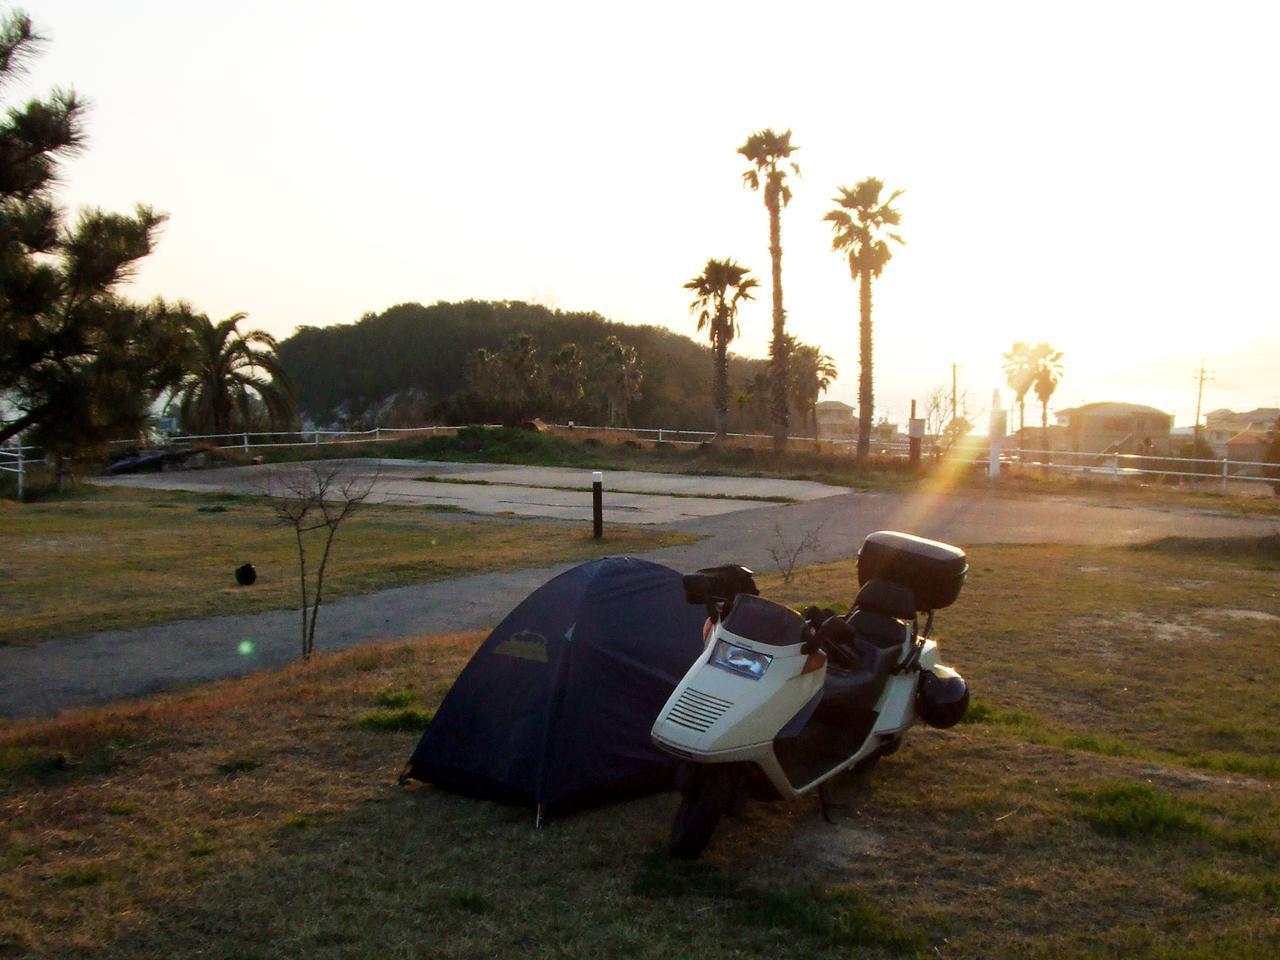 画像: 2007年3月に訪れた小豆島のキャンプ場。当時20歳。僕の中型バイクライフはホンダ・フュージョンから始まりました。荷物がいっぱい詰めてキャンプツーリングが楽そうだ、というのが選んだ理由。この写真、バイクとテントが近すぎて怖い。さすがに寝るときには離したとは思いますが……。